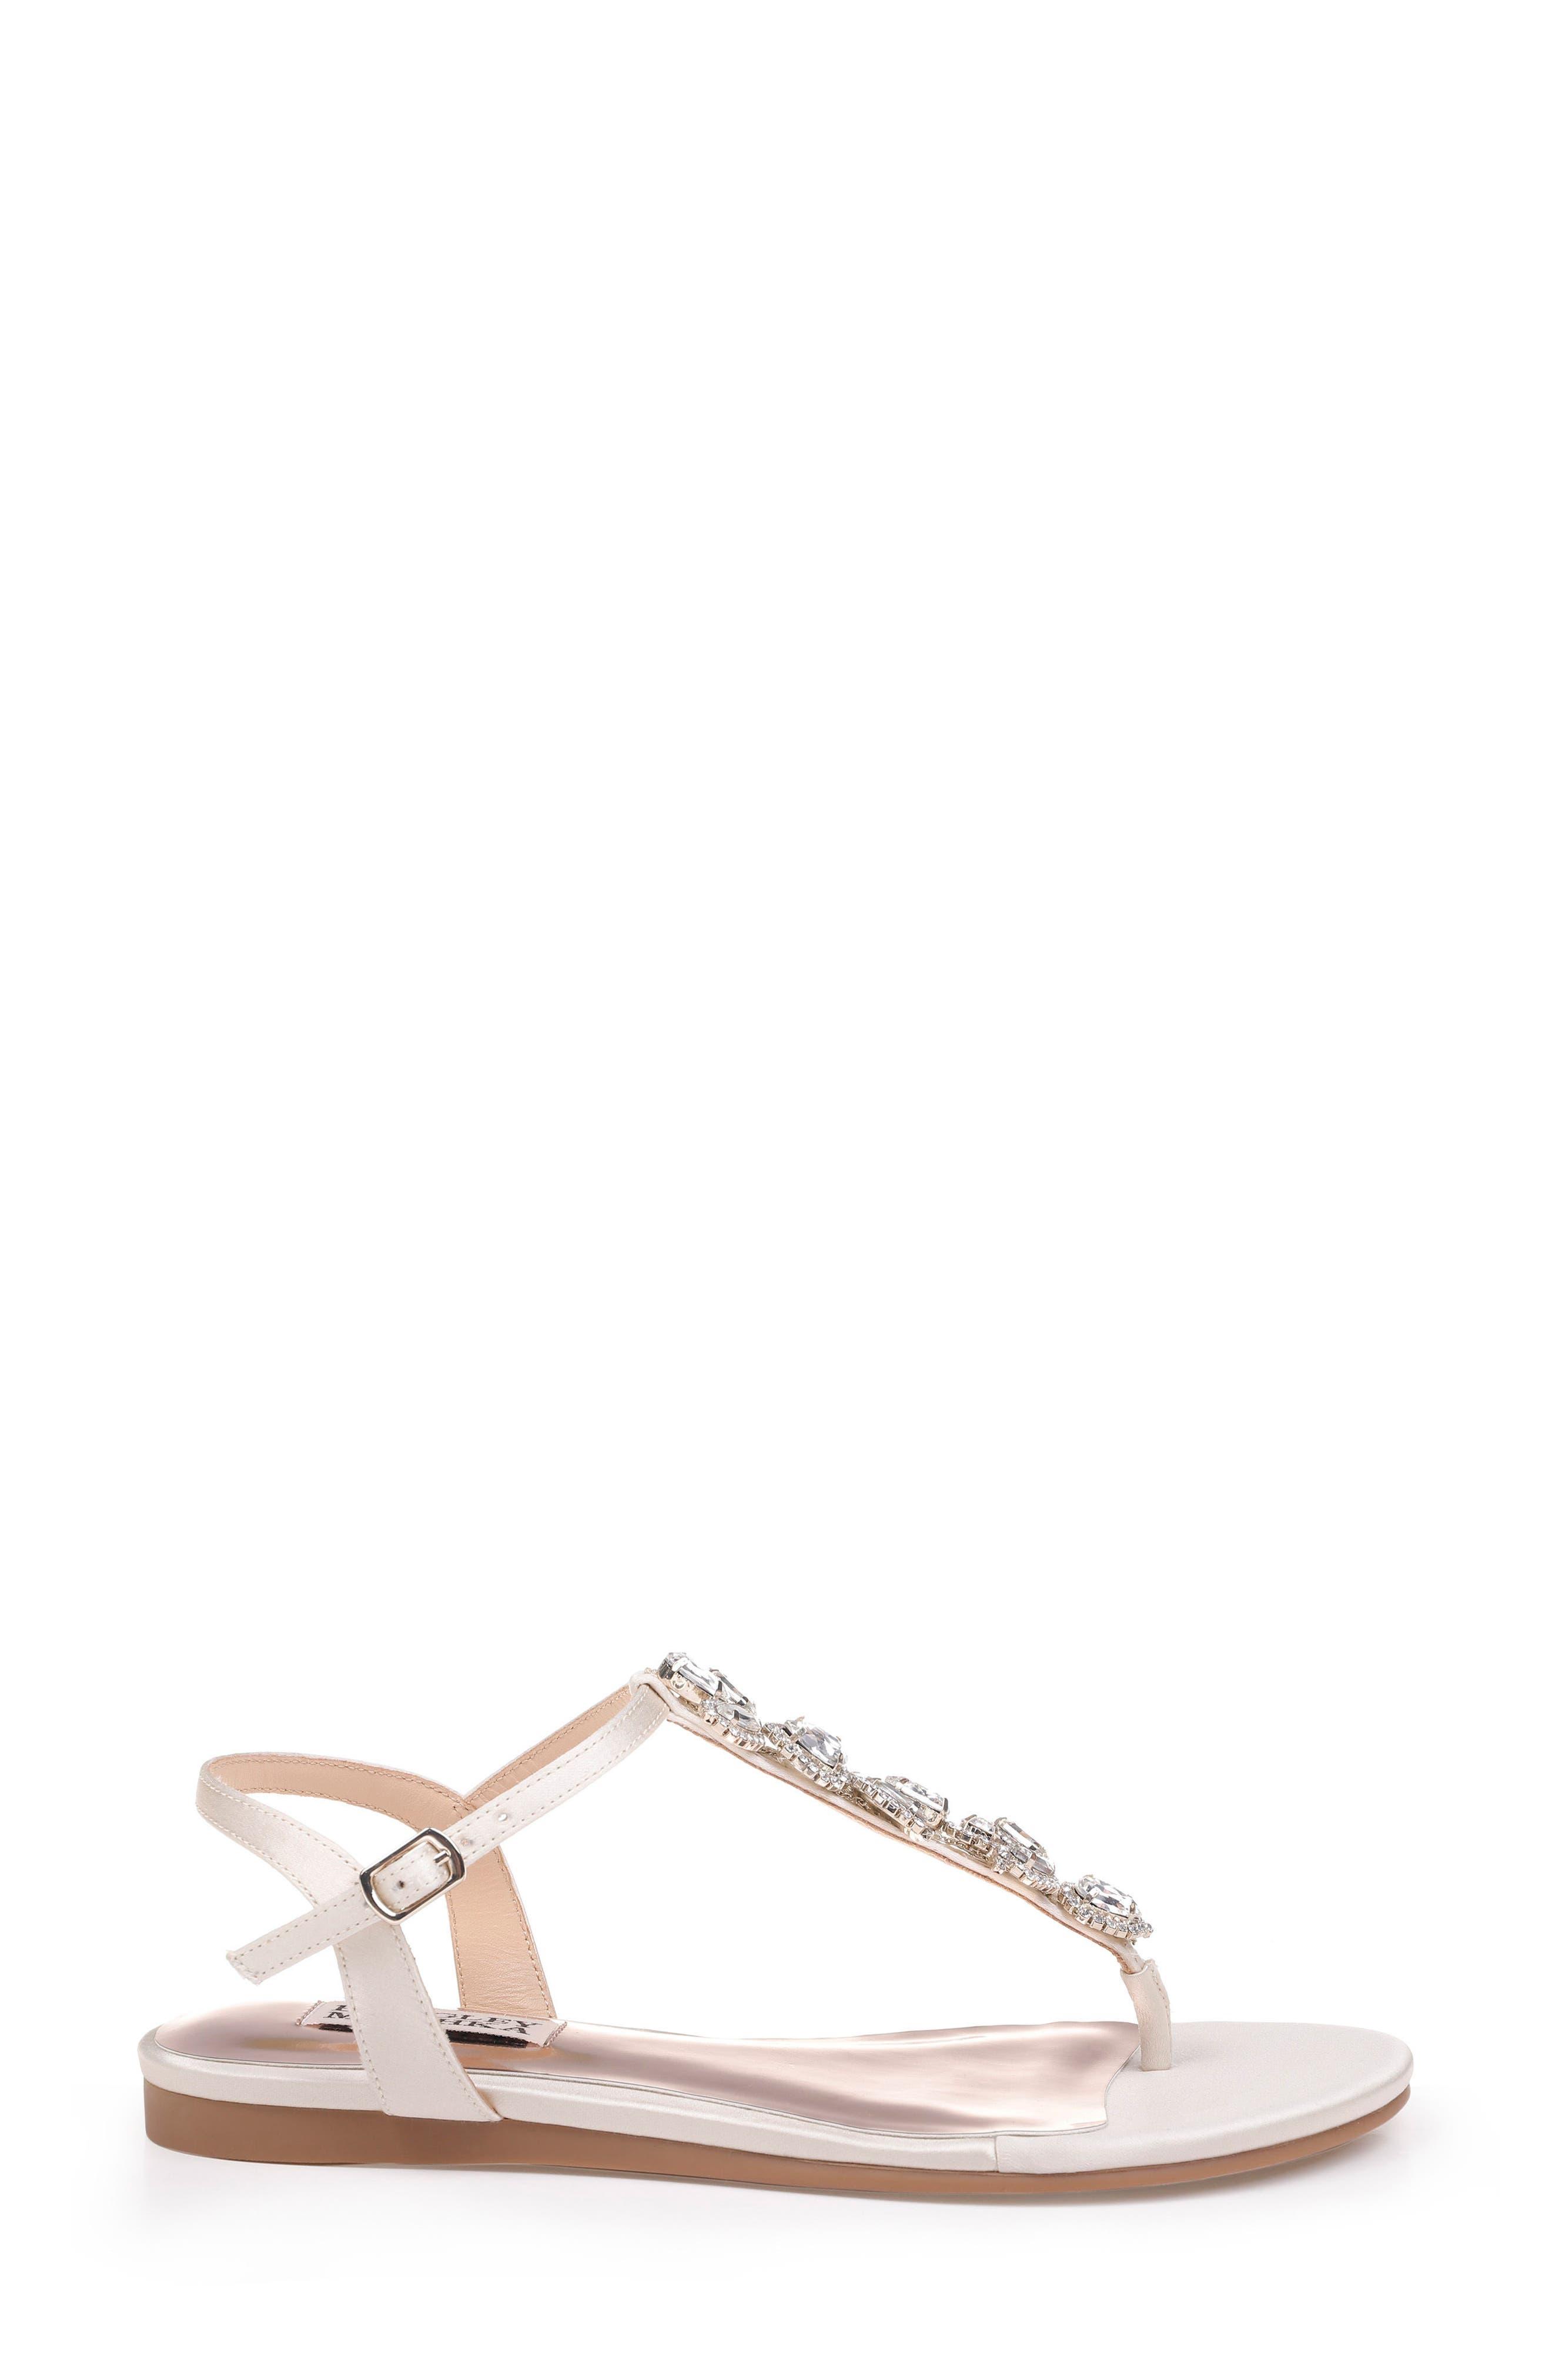 Sissi Crystal Embellished Sandal,                             Alternate thumbnail 3, color,                             100